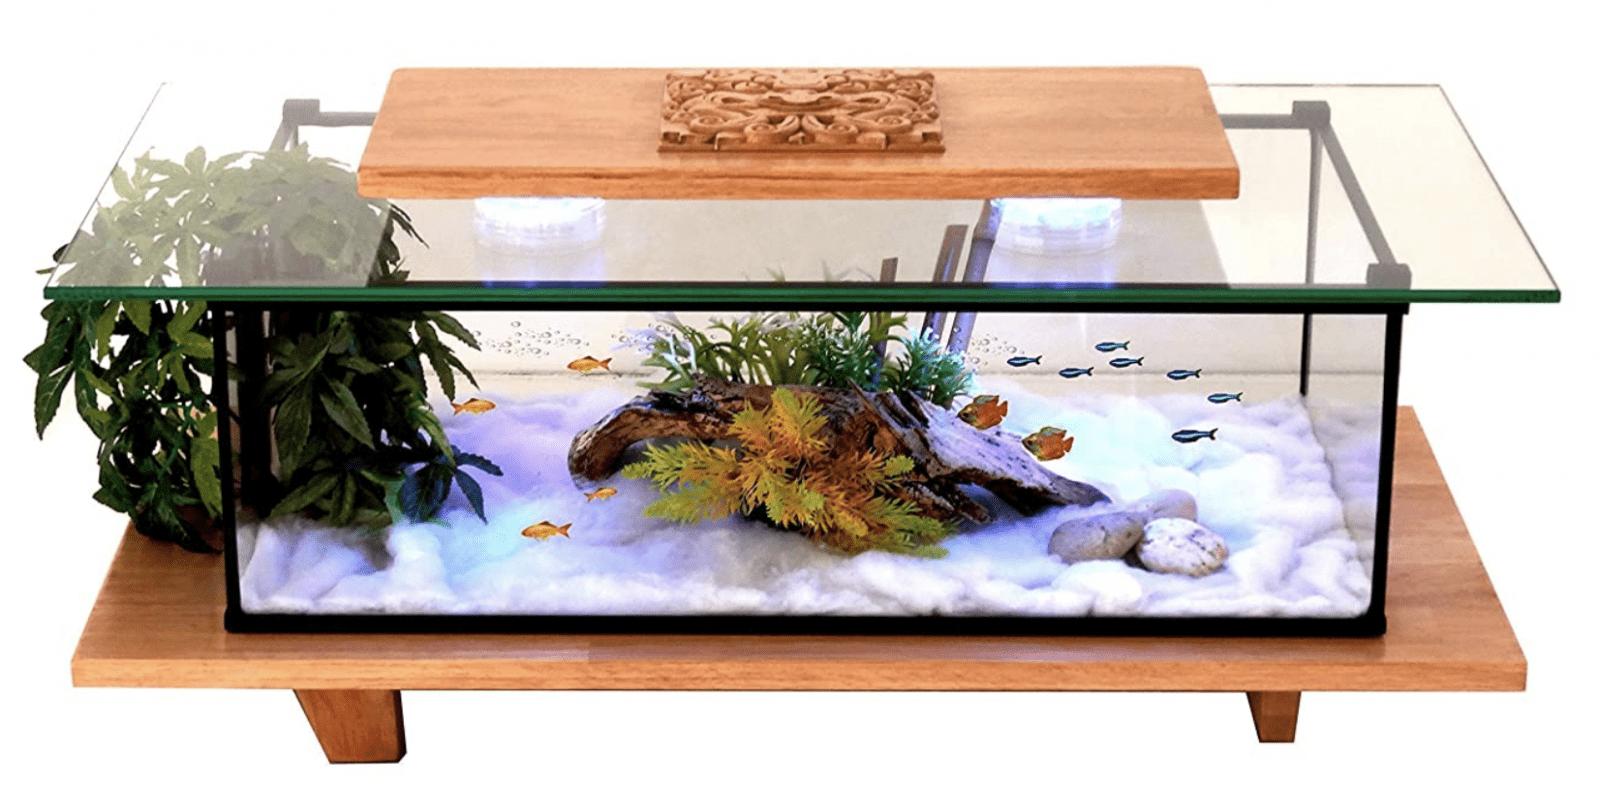 Table Basse Aquarium Classement Guide Achat Avis Jolichezvous Com